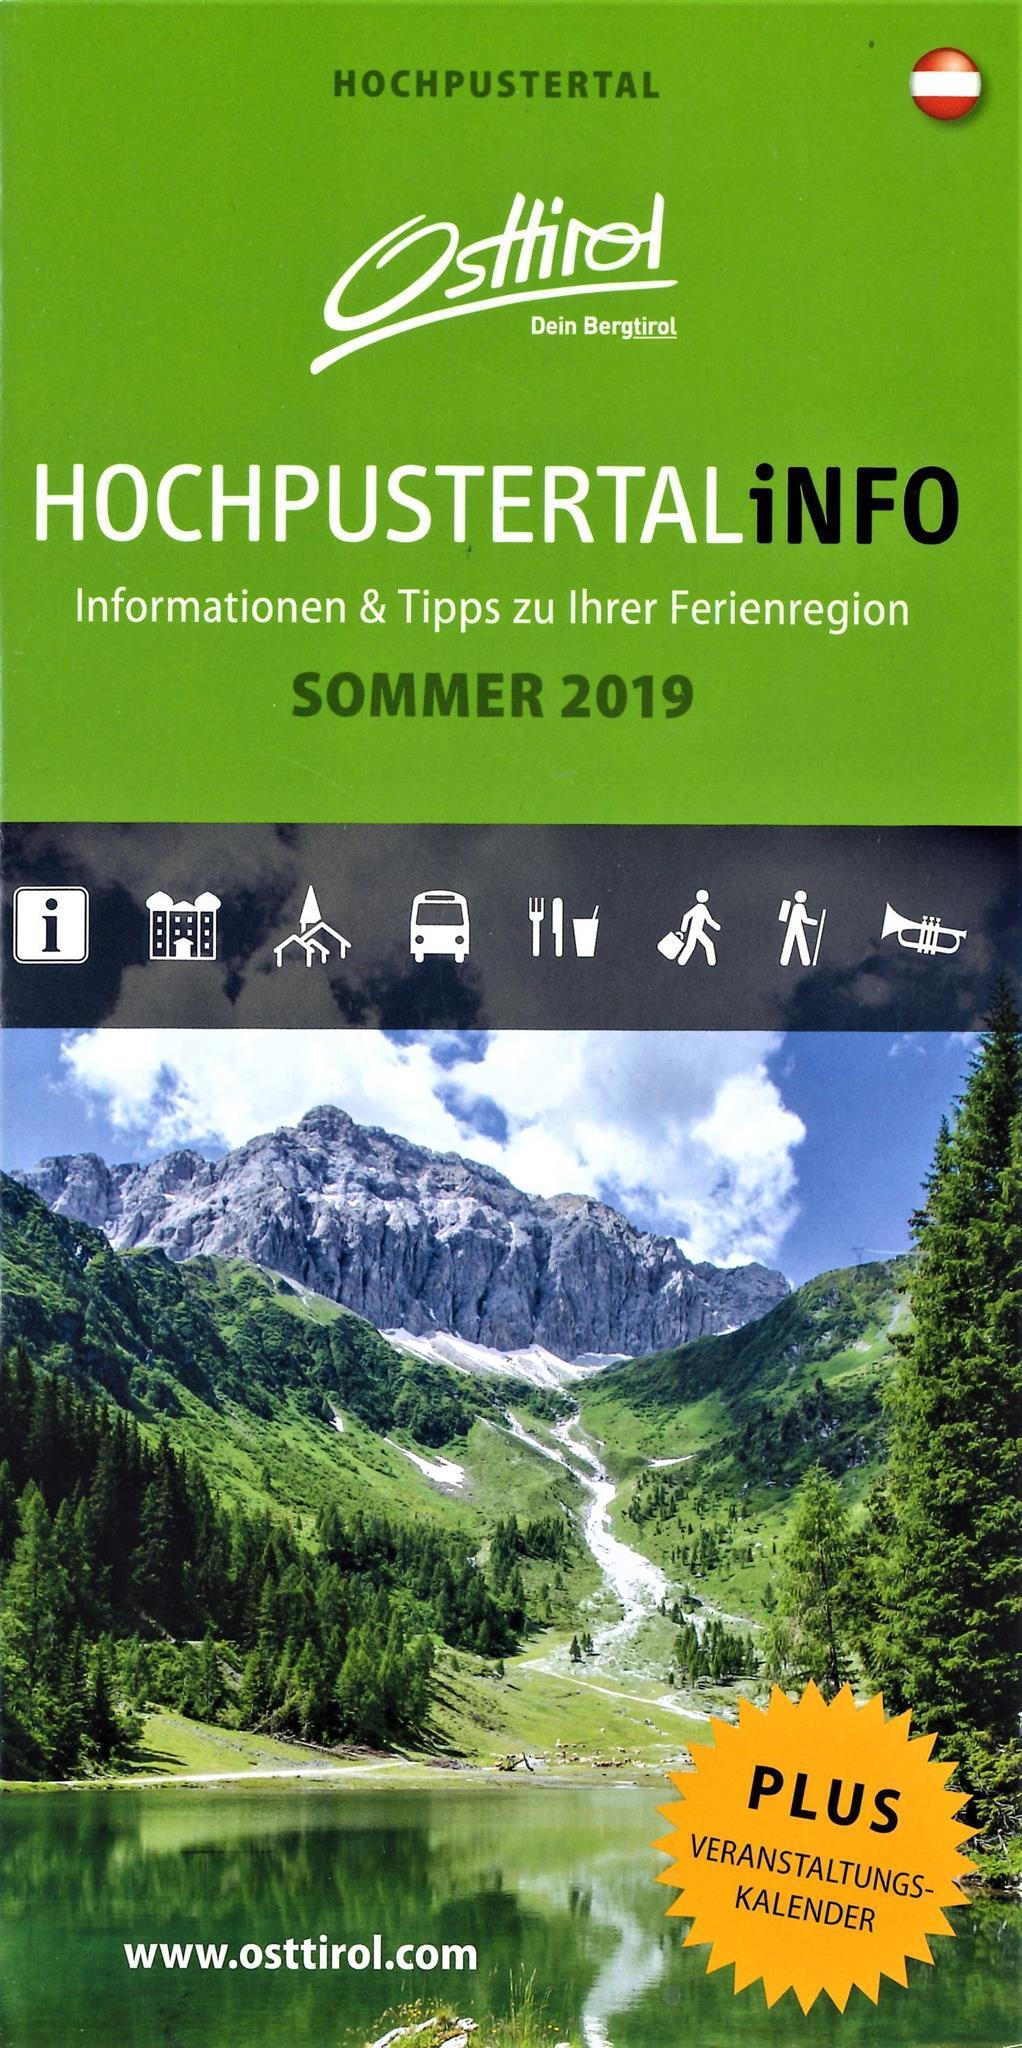 Hochpustertal-Info-Sommer-2019.jpg